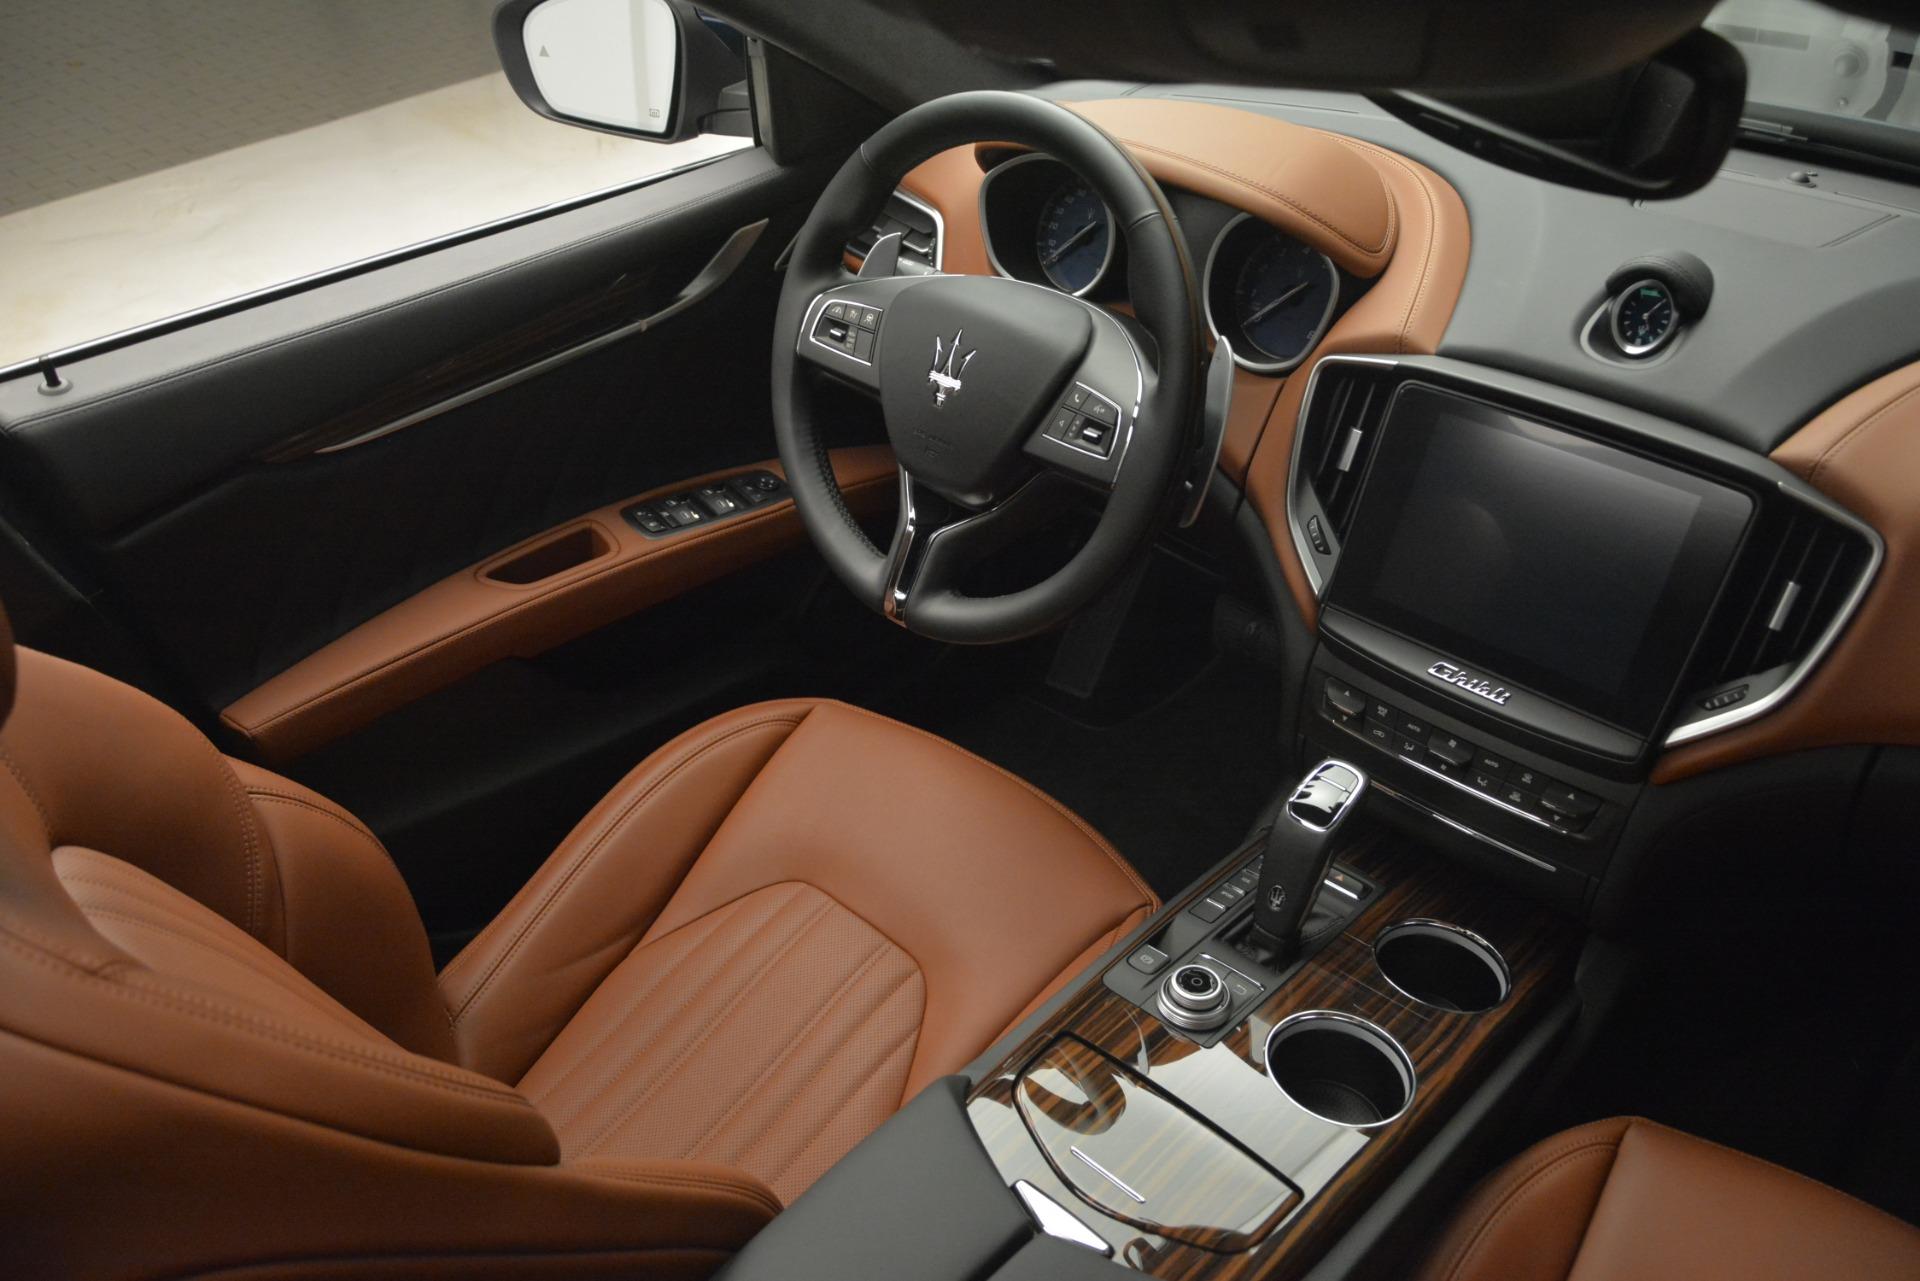 New 2019 Maserati Ghibli S Q4 GranLusso For Sale In Greenwich, CT 2882_p24